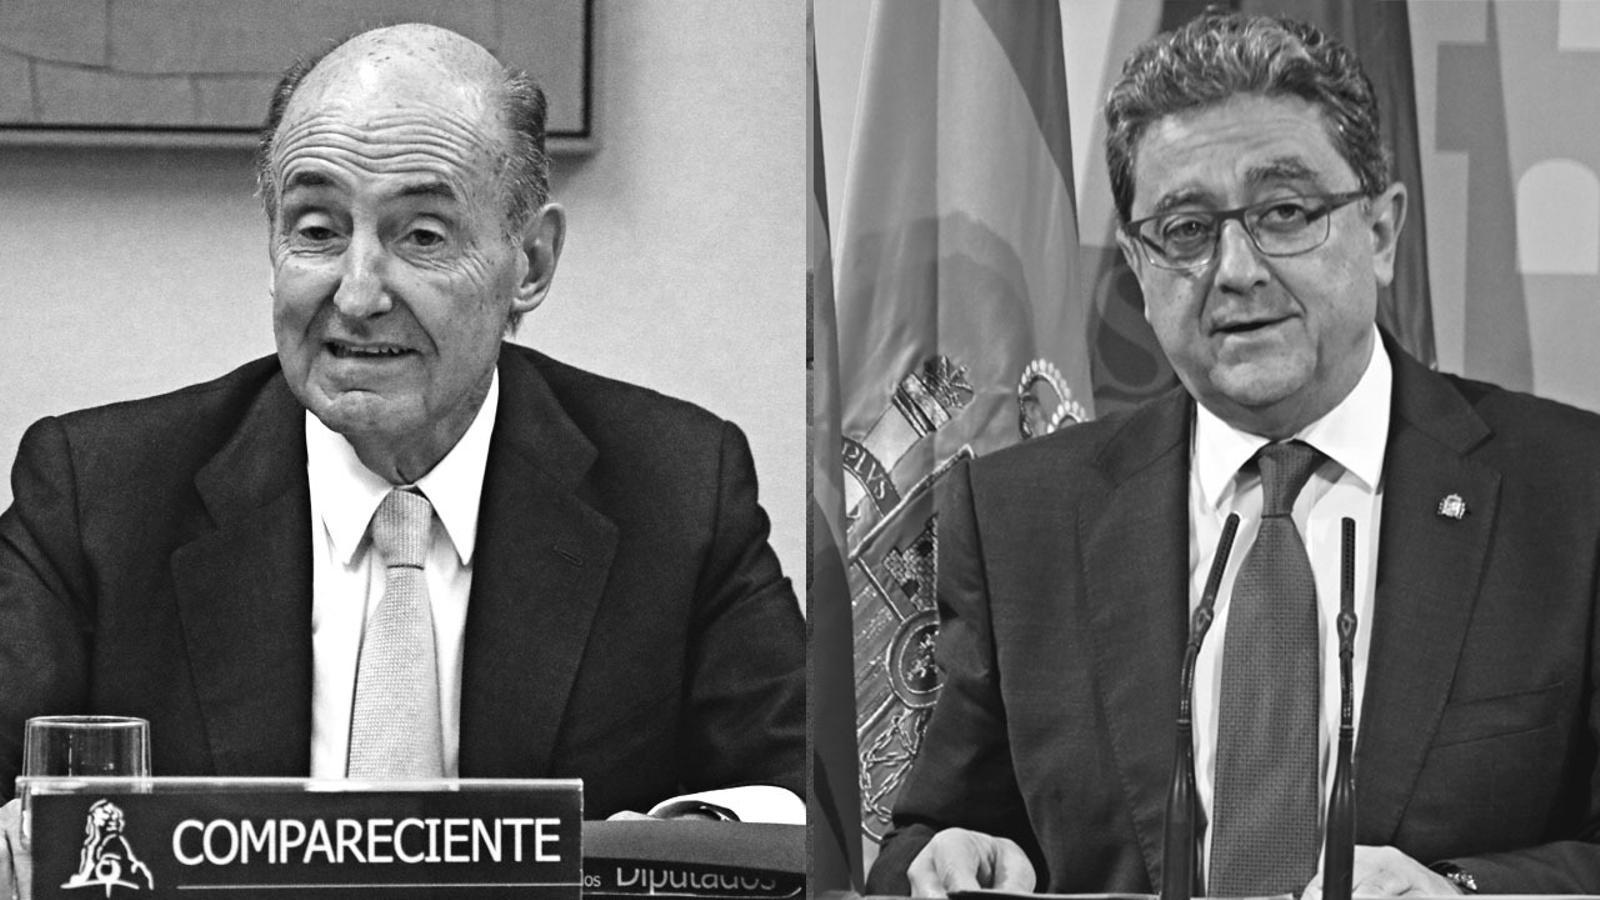 L'anàlisi d'Antoni Bassas: 'Miquel Roca, els gestos i la investidura'